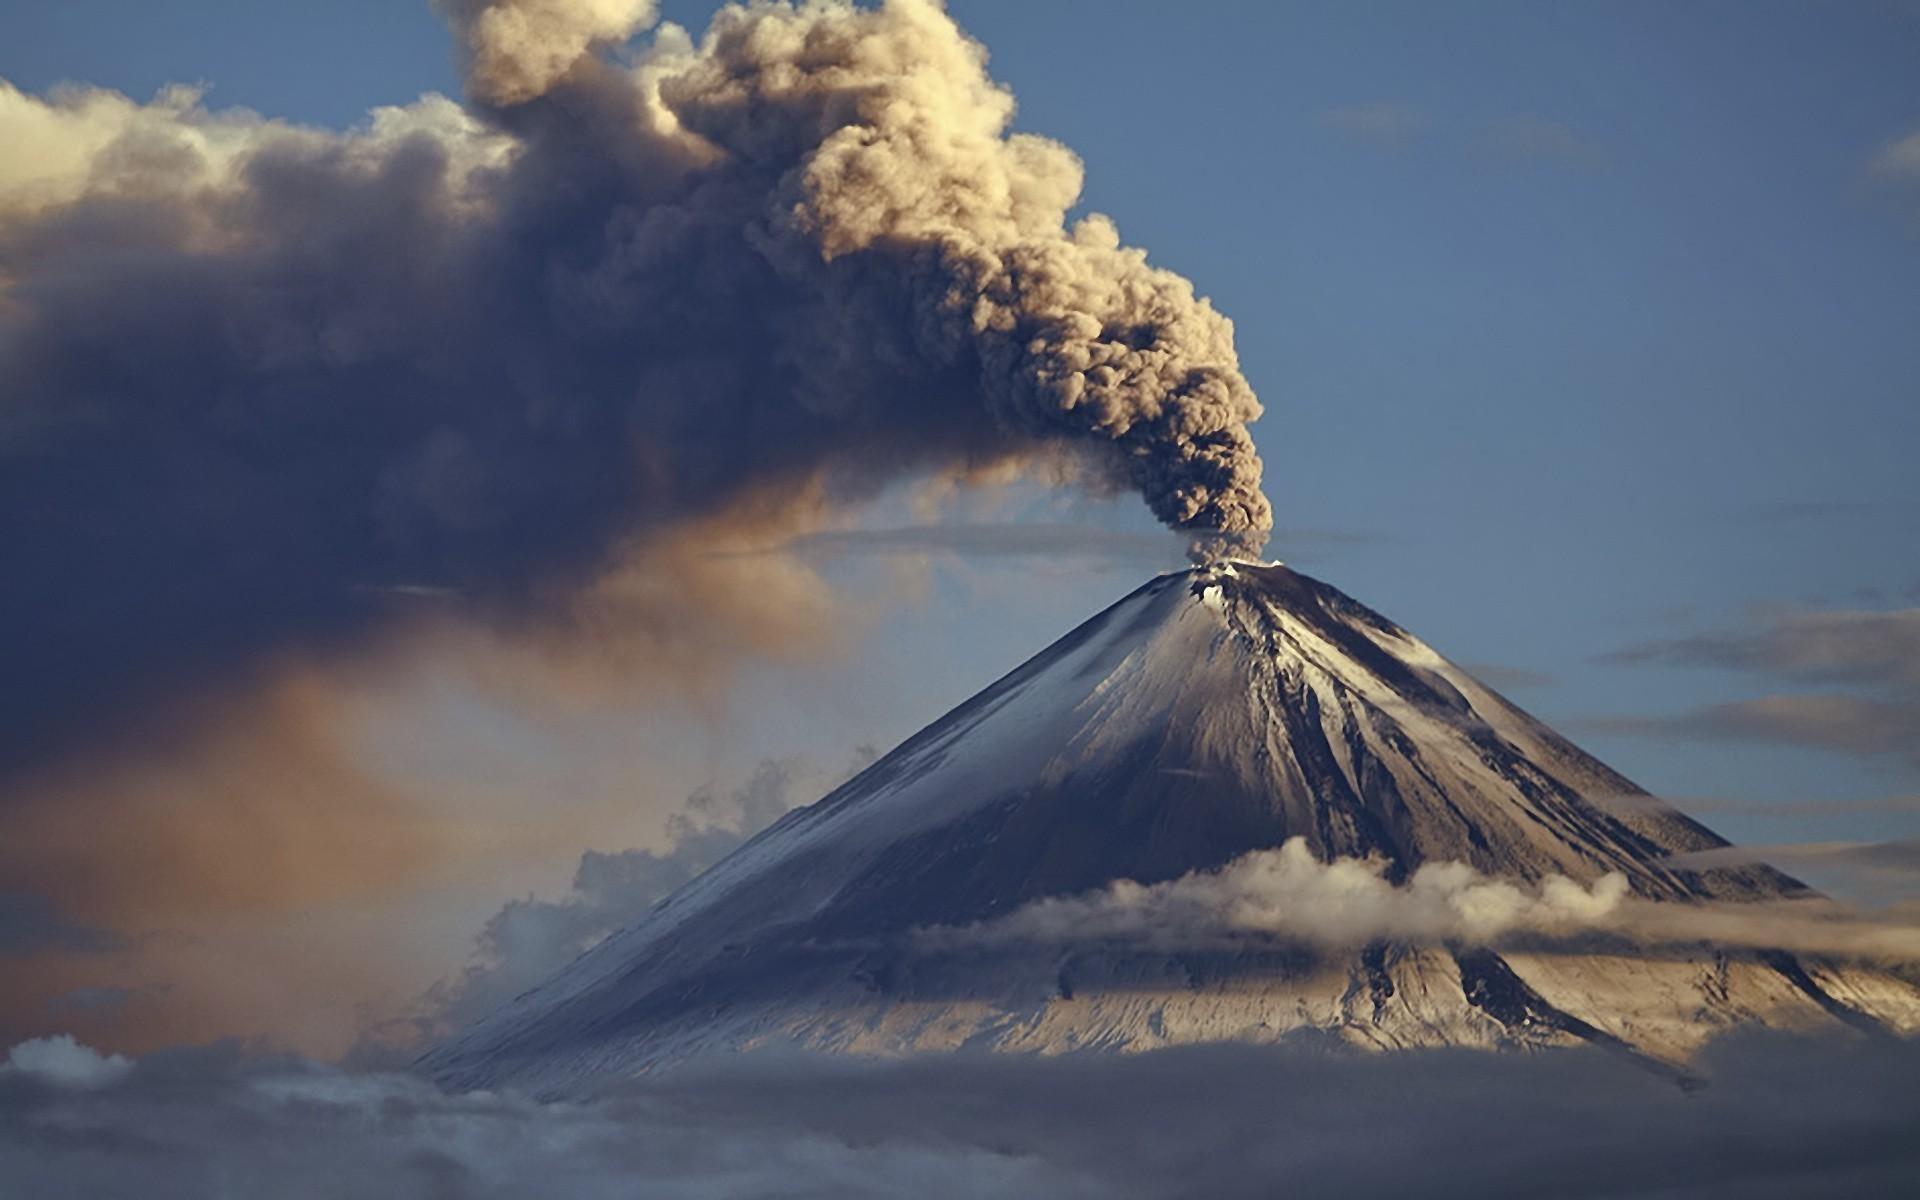 Учёные научились предсказывать извержения вулканов